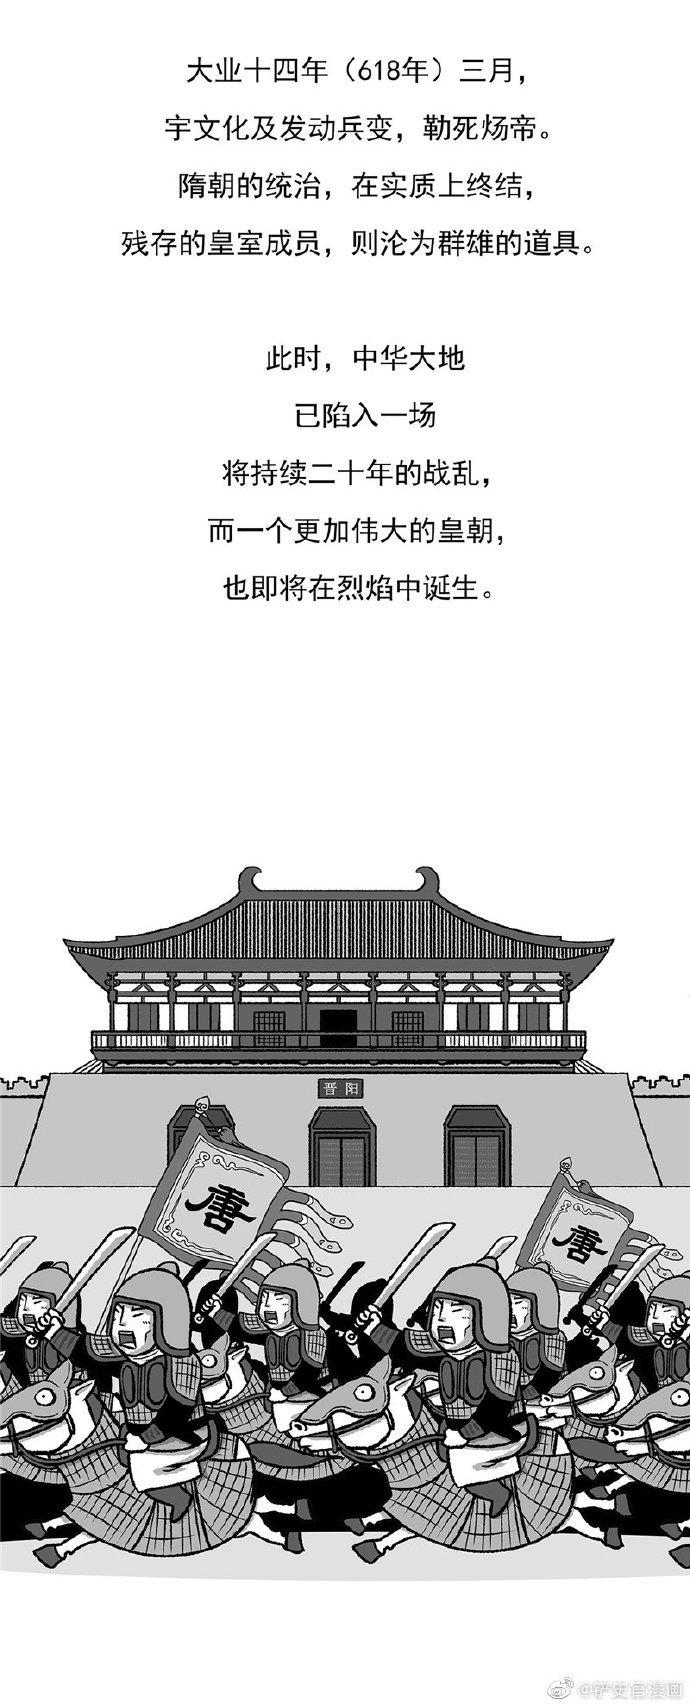 隋朝|重建大一统秩序的王朝,为何迅速覆亡?